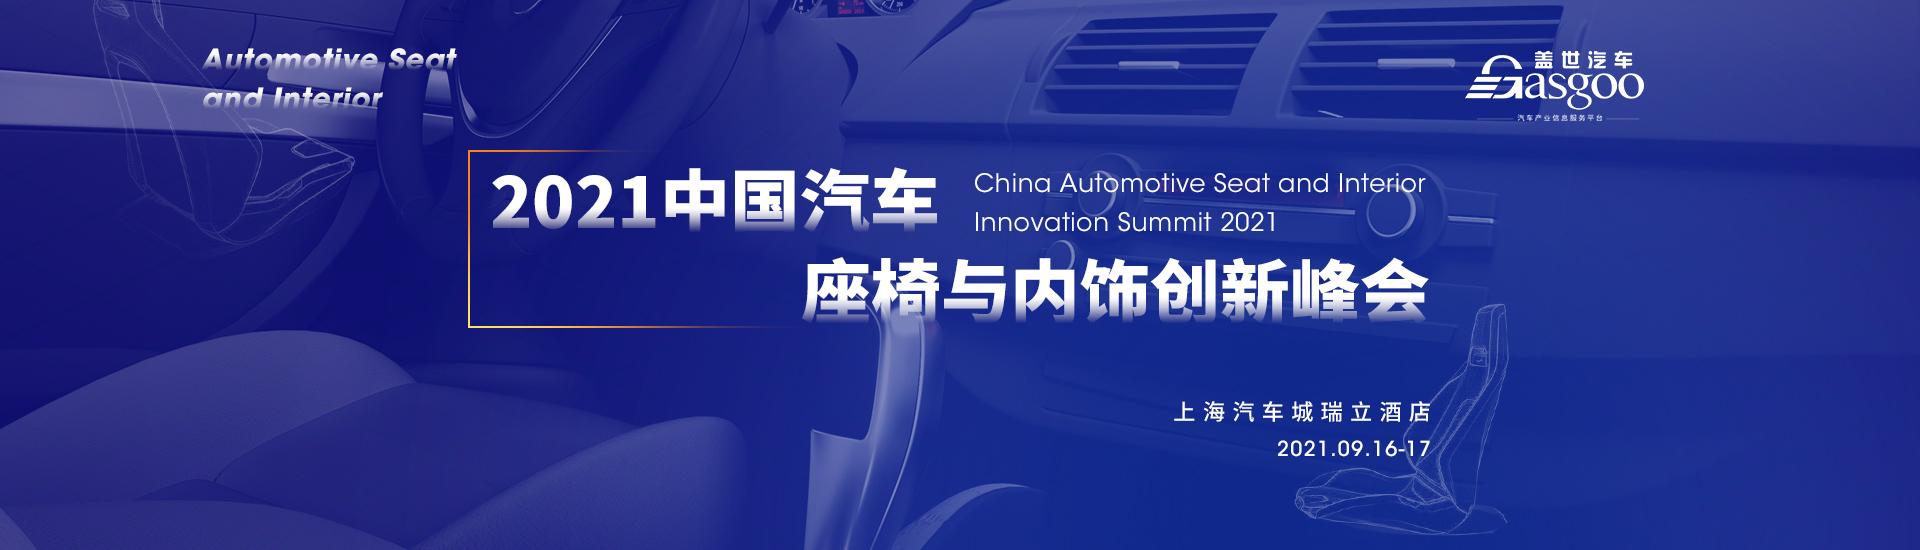 盖世汽车2021中国汽车座椅与内饰创新峰会